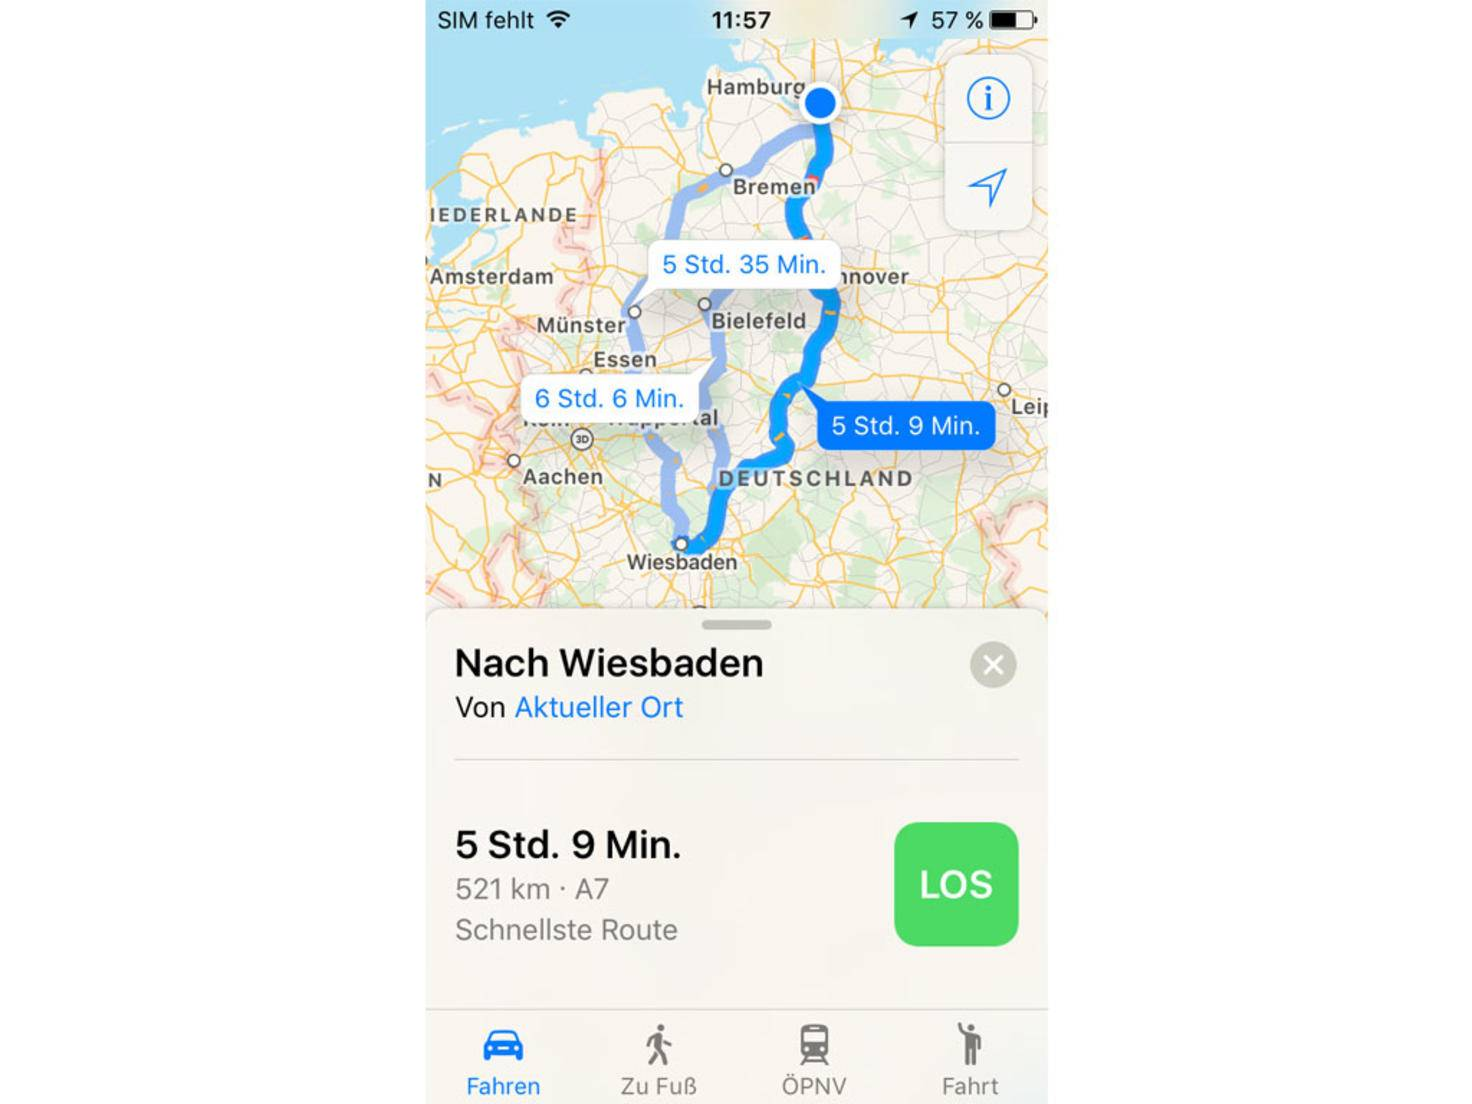 Das Design der Karten-App wurde leicht modifiziert...